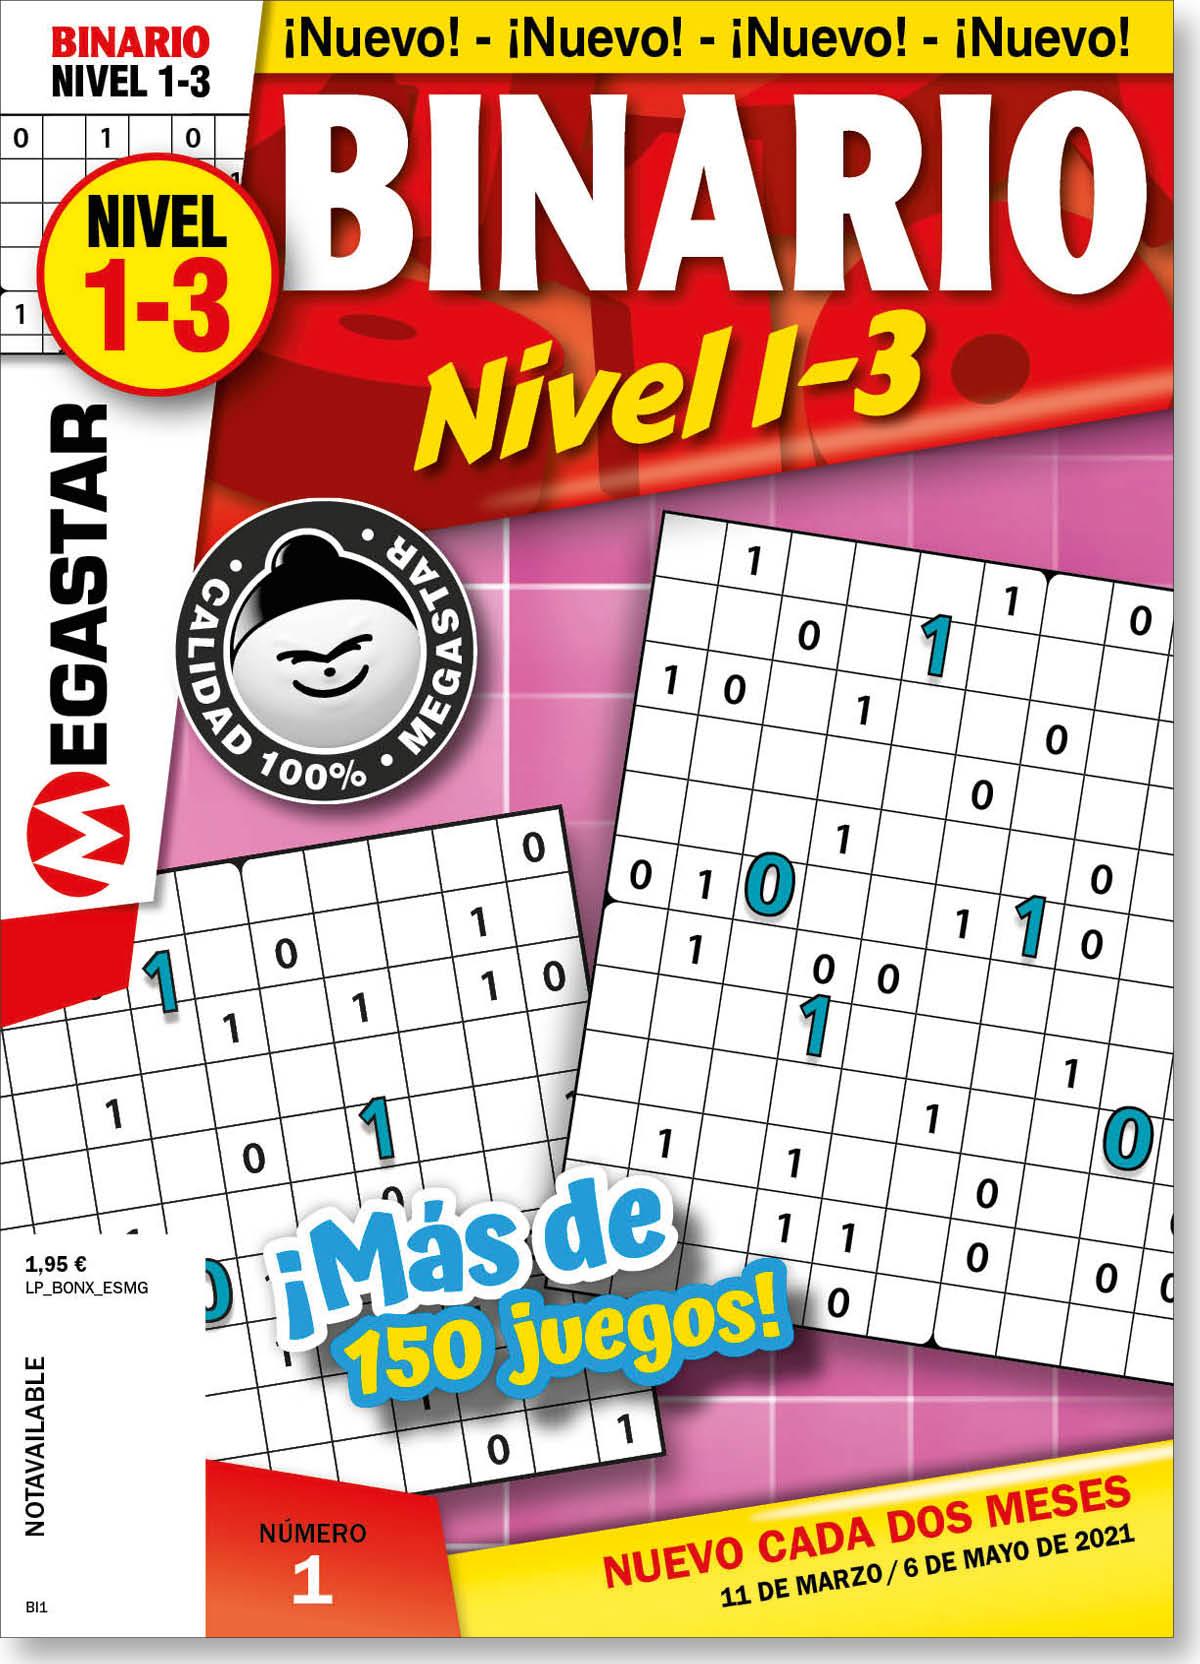 Binario 1-3